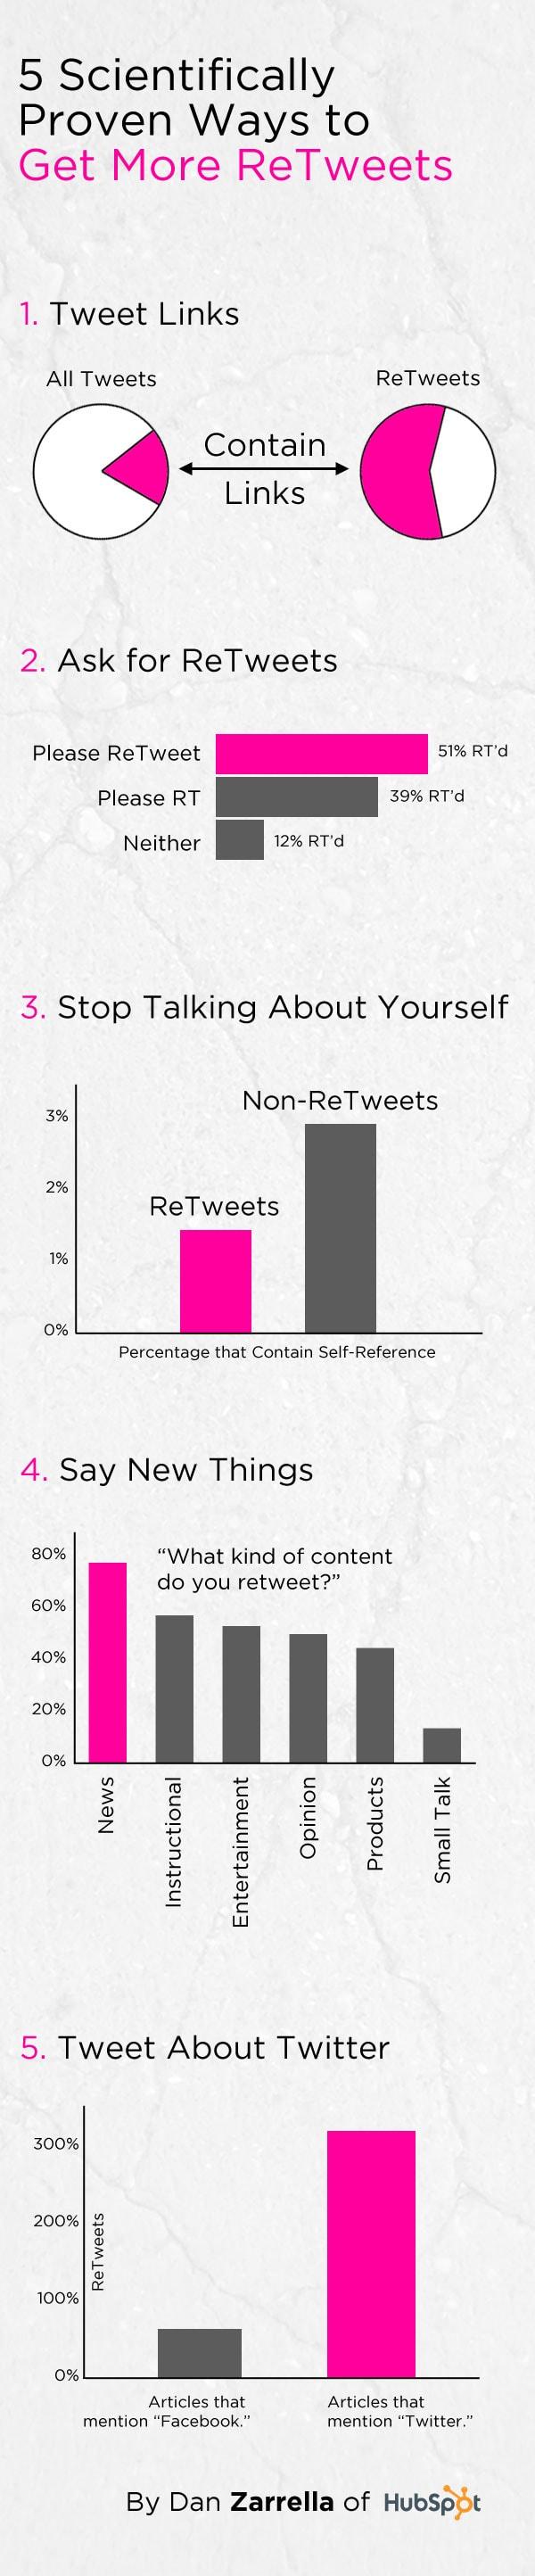 5 Scientifically Proven Ways to get more ReTweets by Dan Zarrella